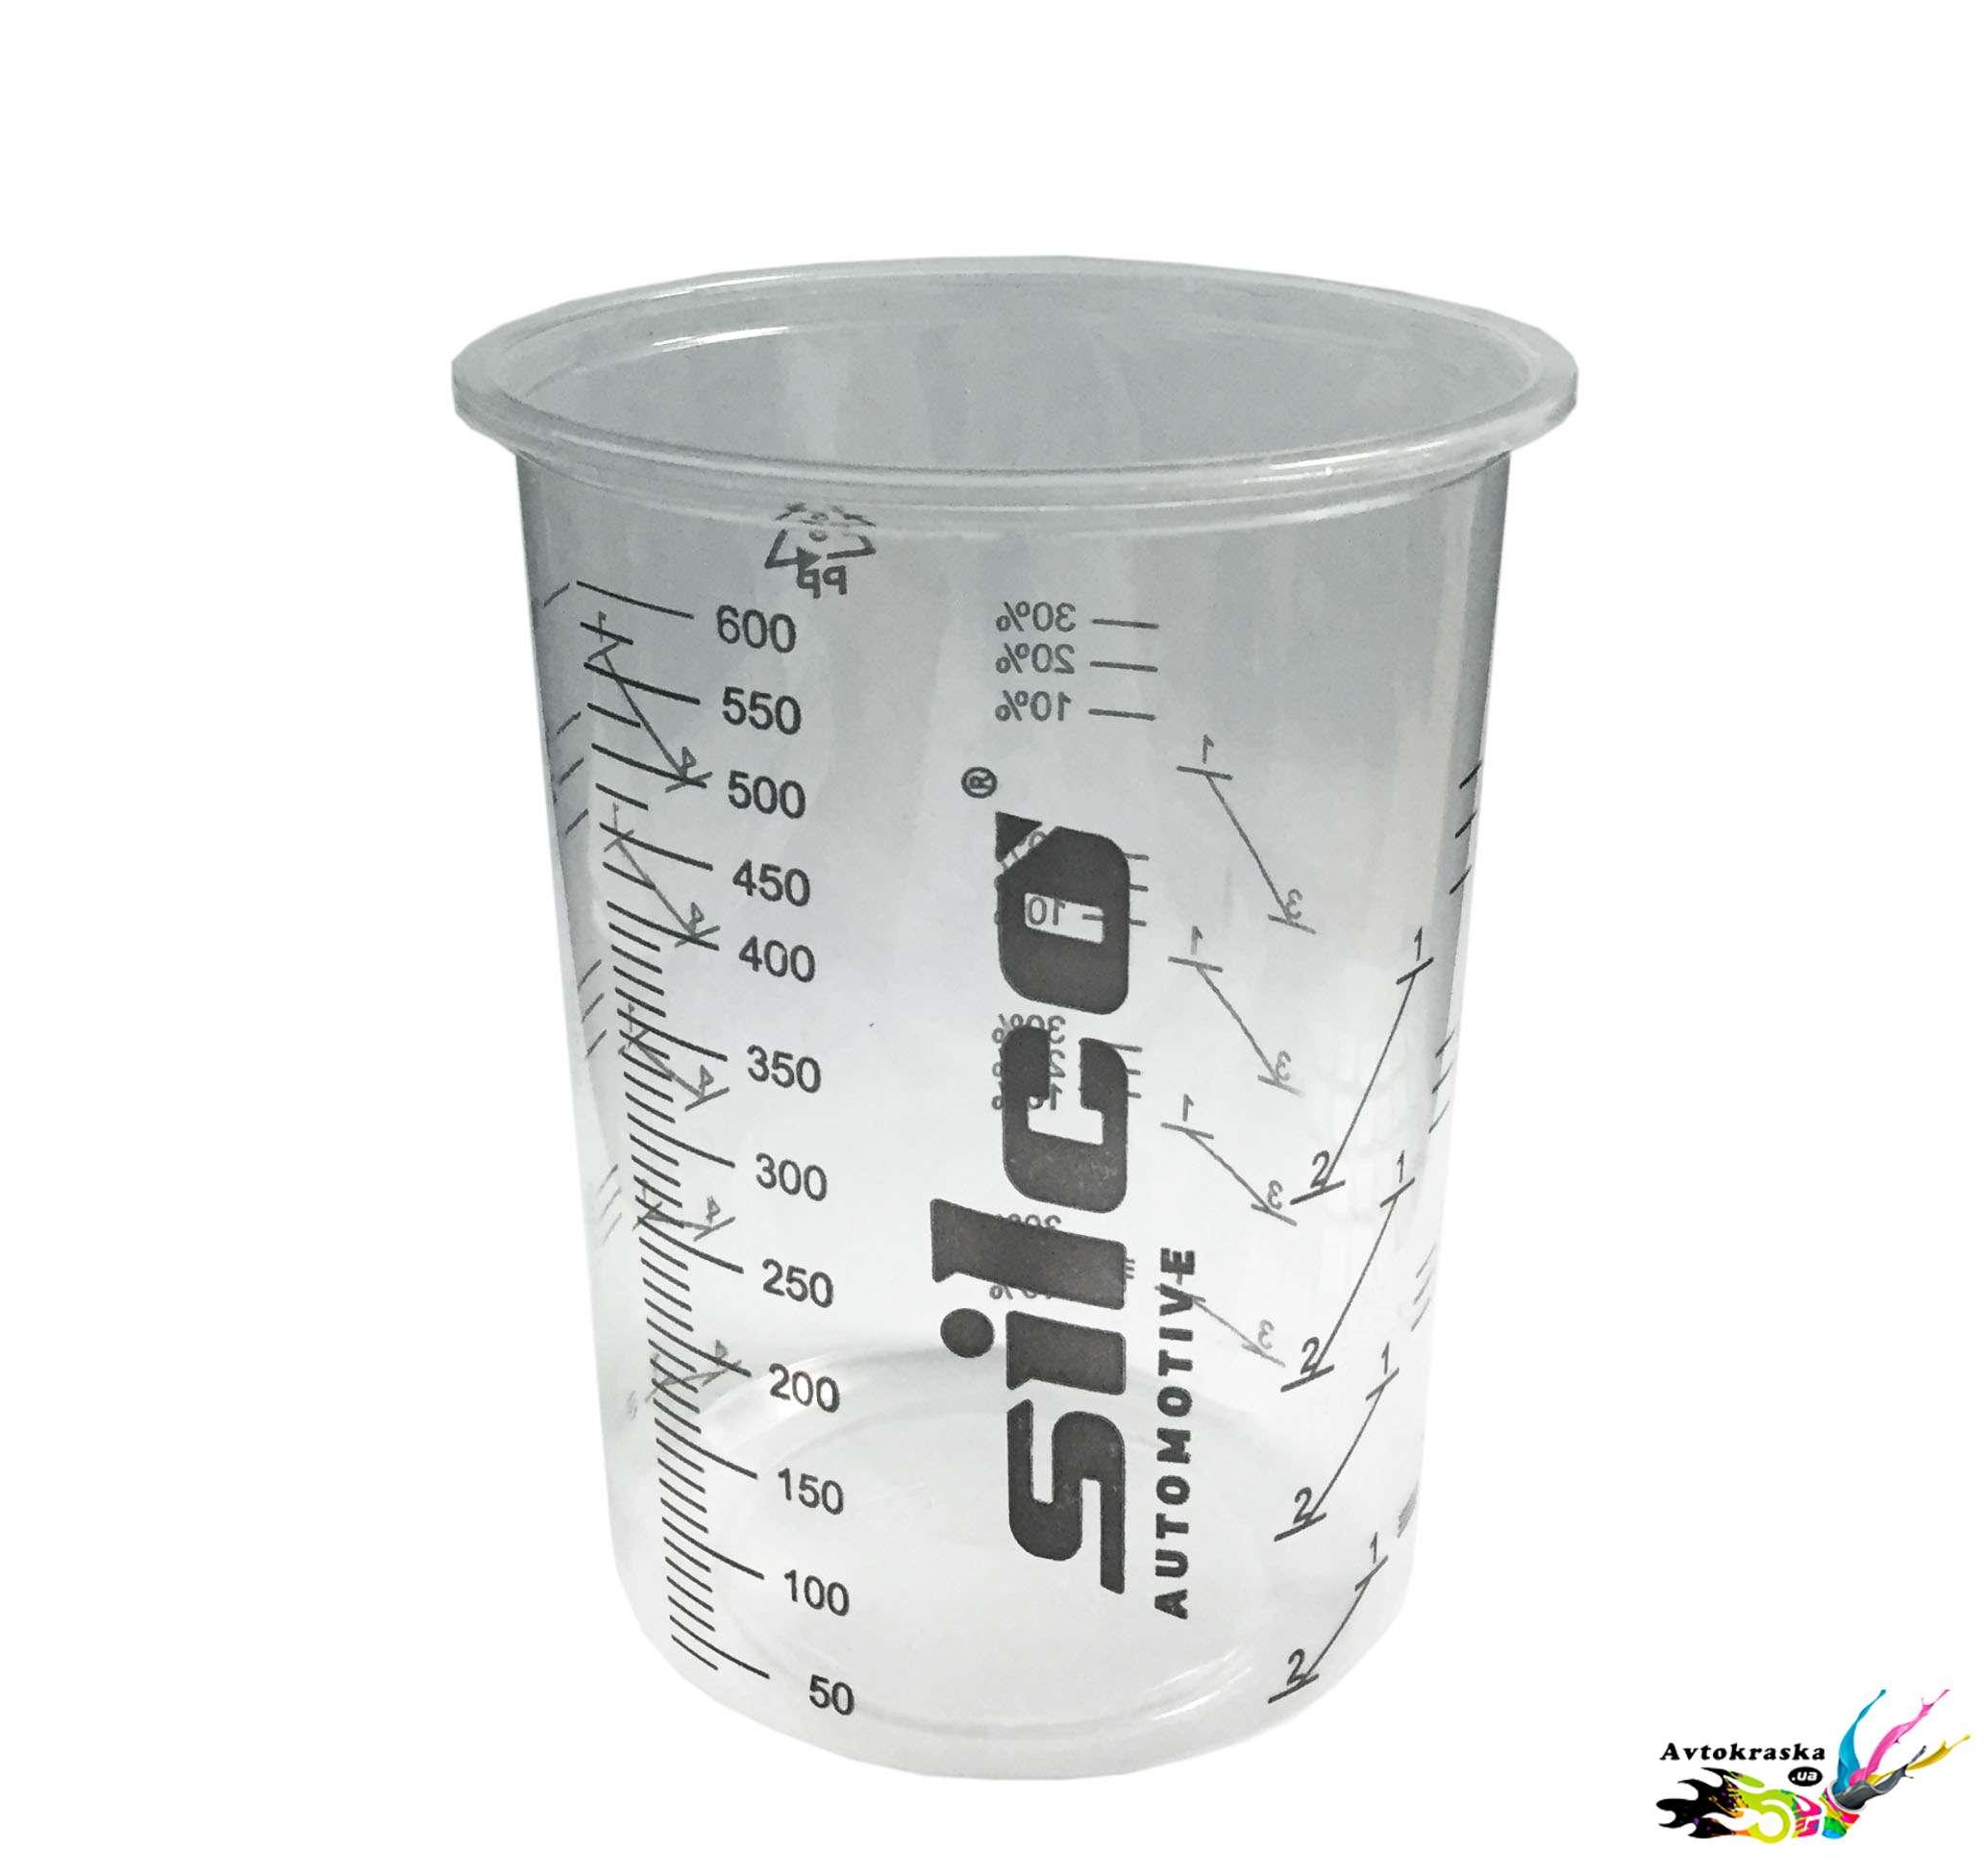 Мерная тара-Мерный стакан Silco 600 мл.